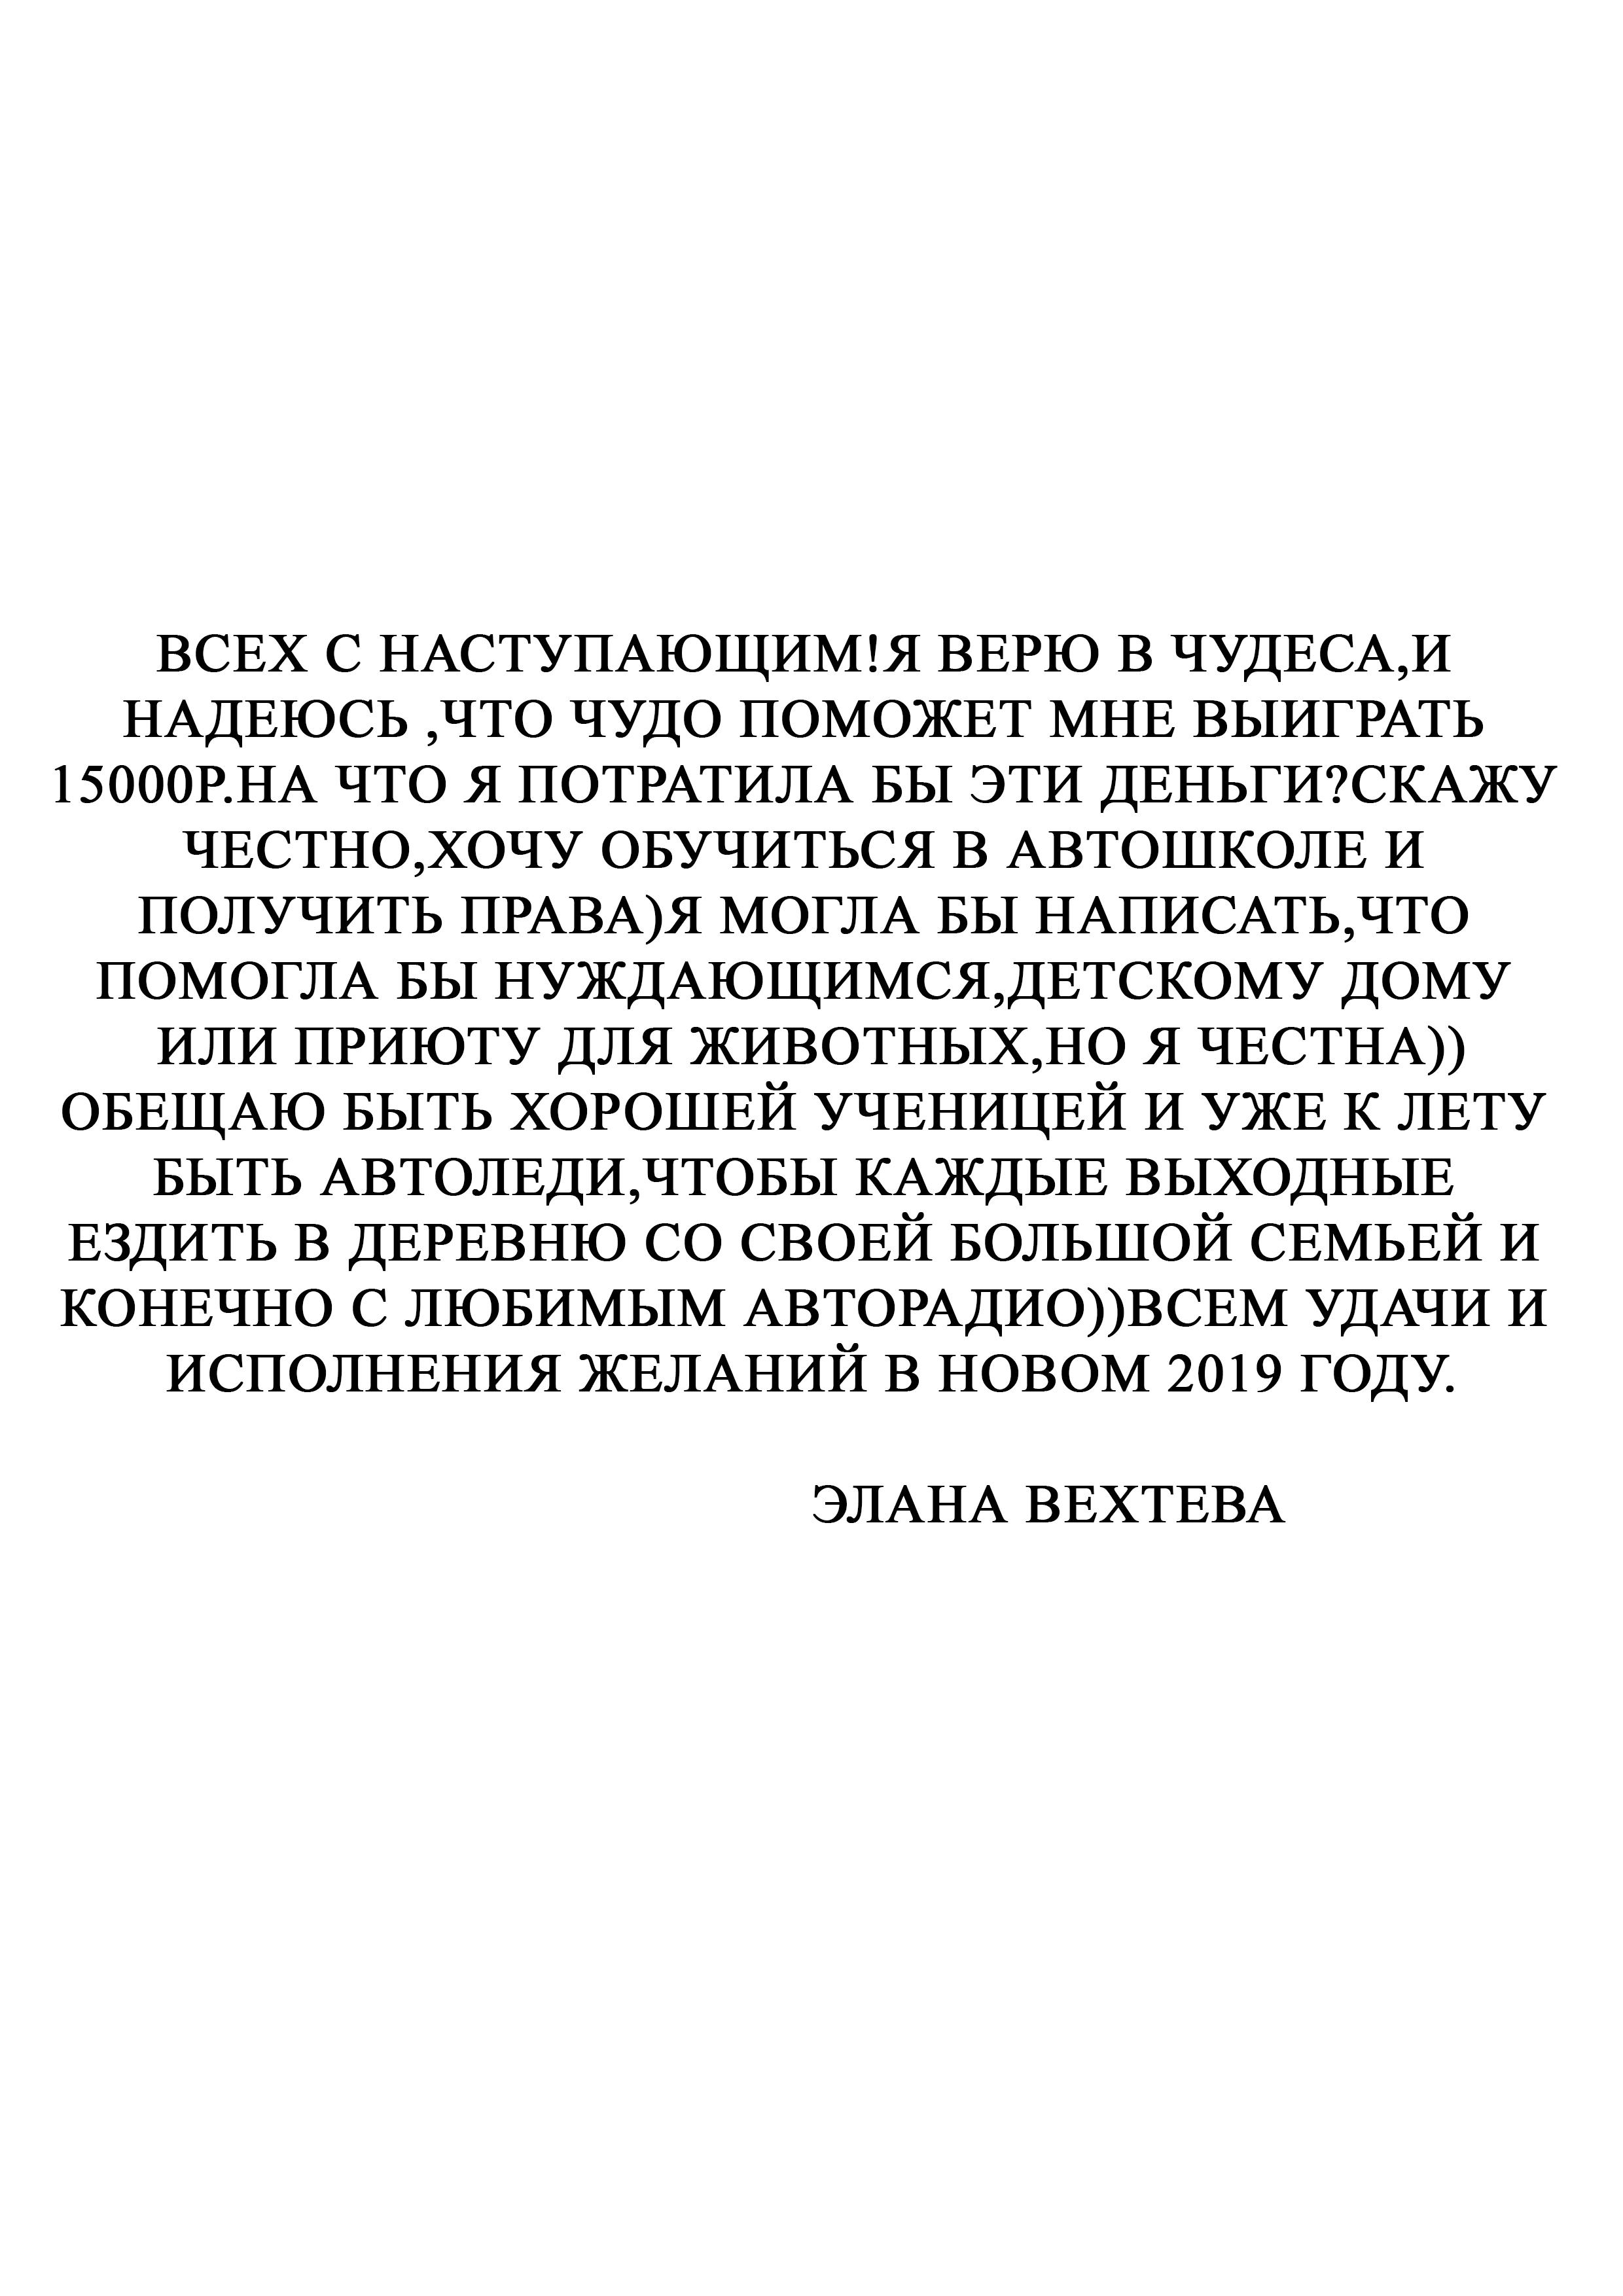 Элана Вехтева